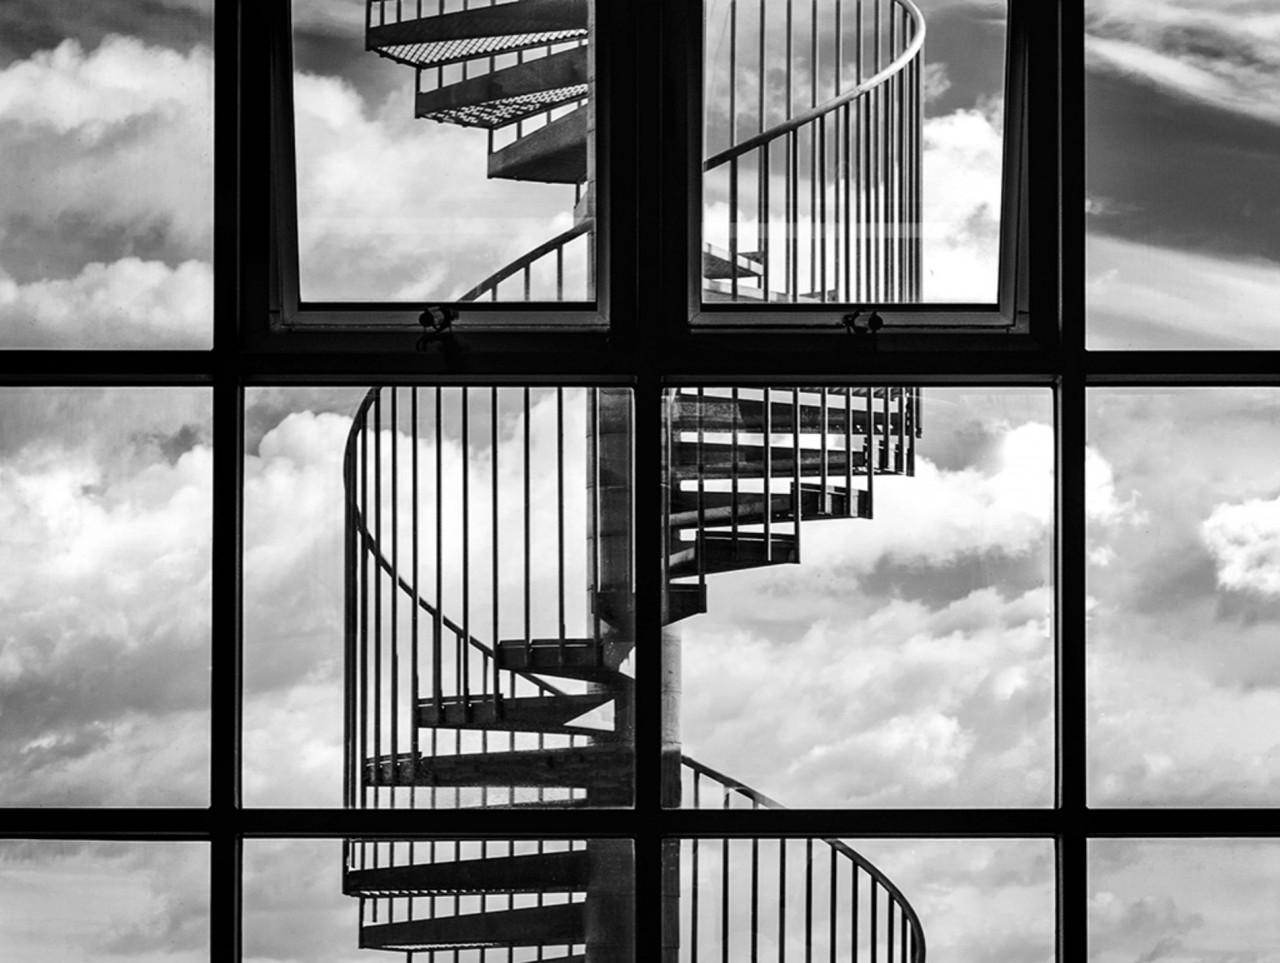 2 место в категории «Архитектура» среди профессионалов 2019. Пожарный выход здания в Рейкьявике, Исландия. Автор Роберт Коутс